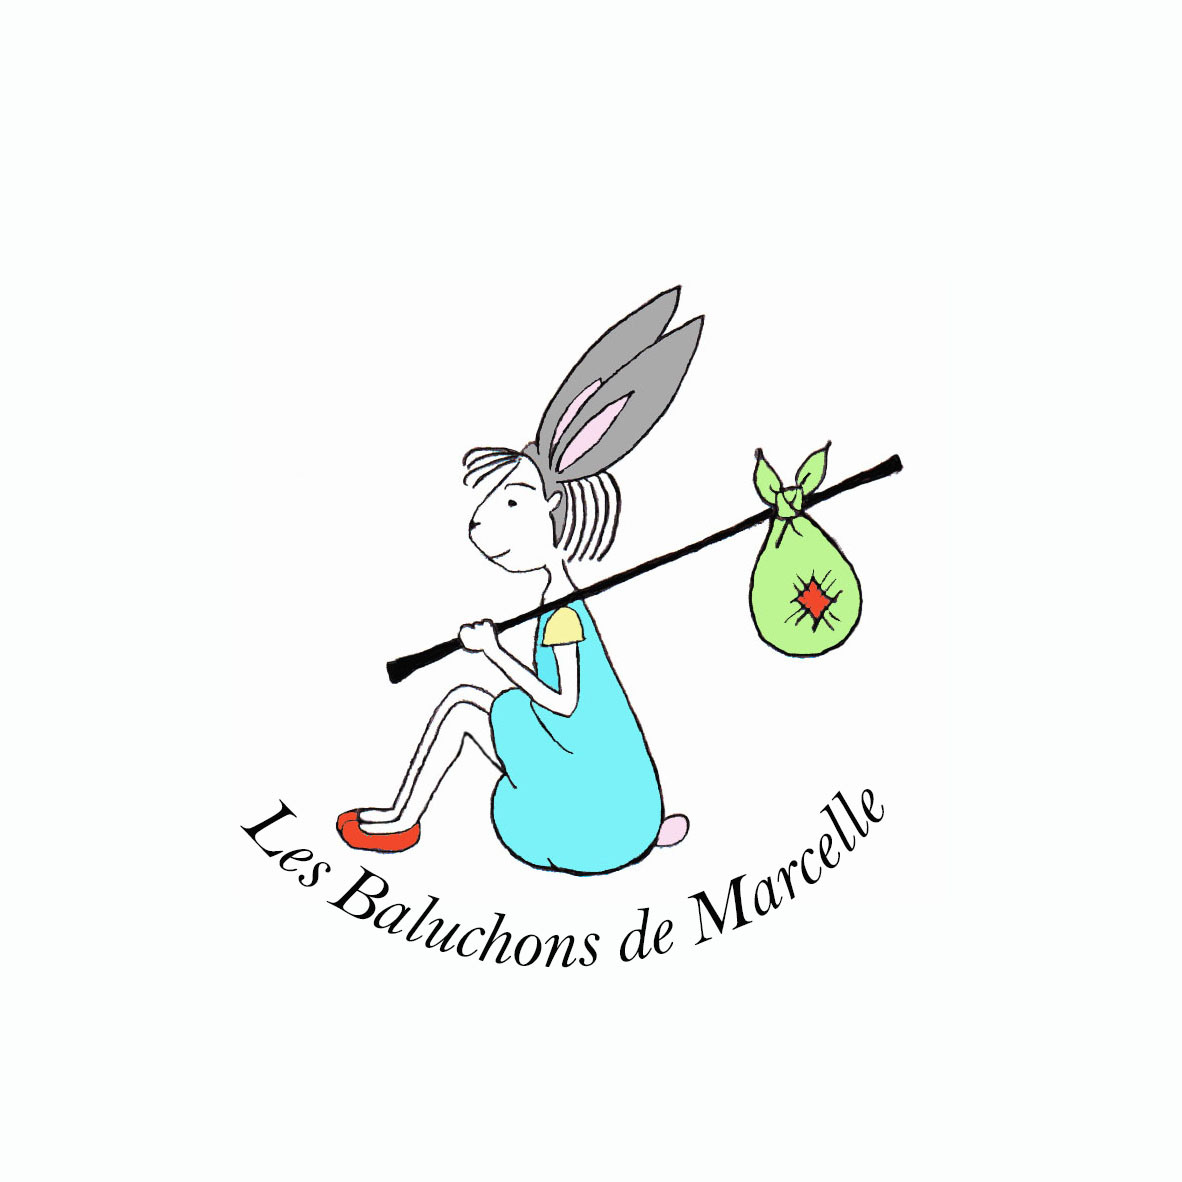 Les Baluchons de Marcelle final.jpg